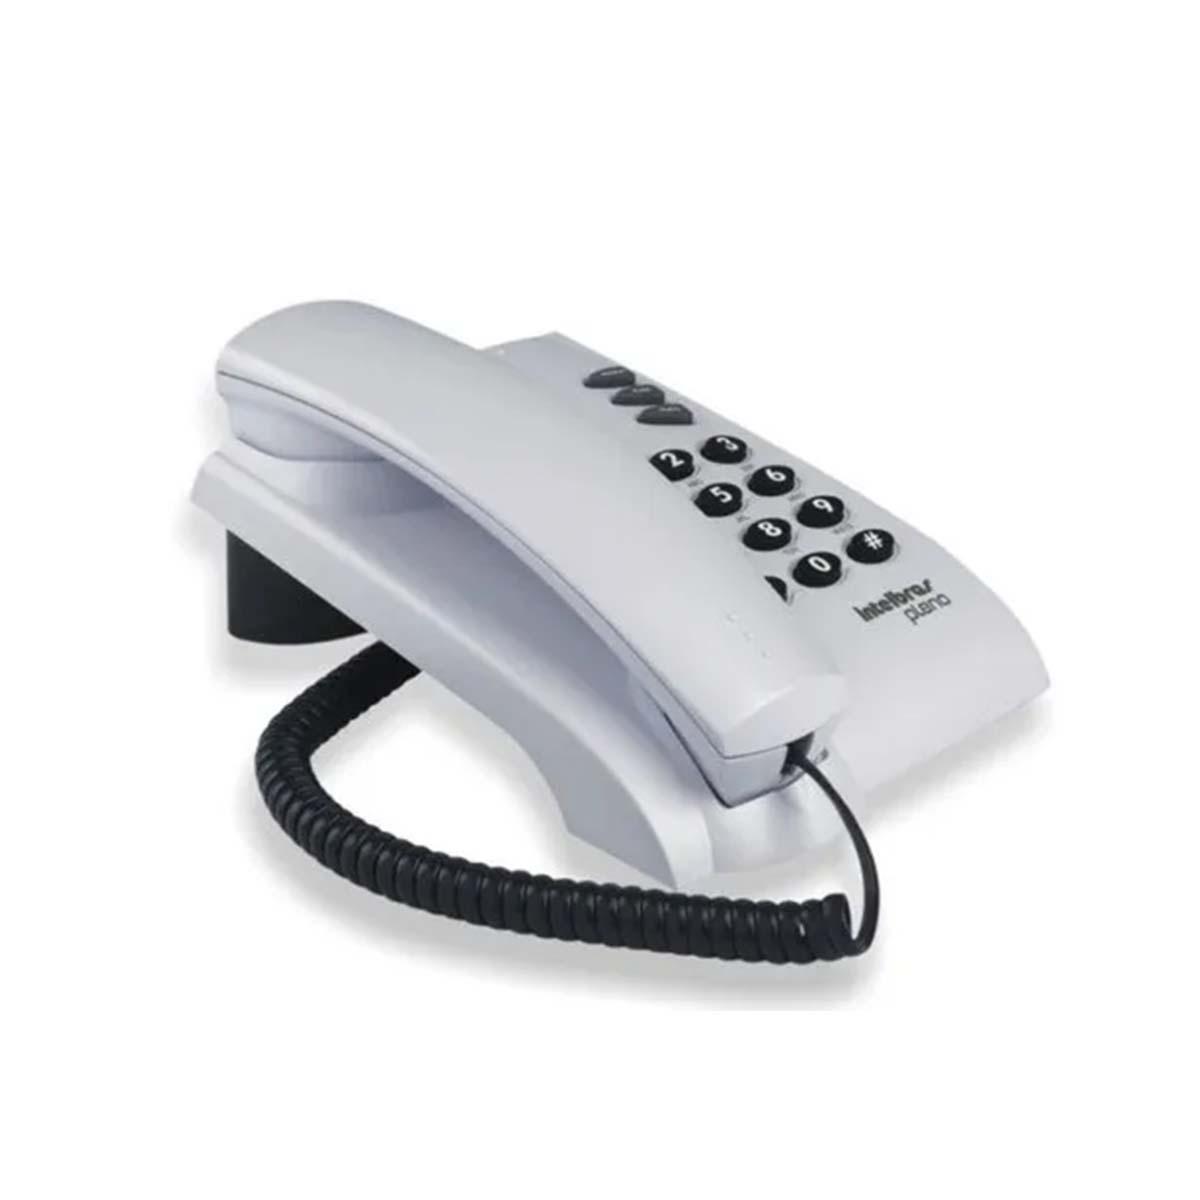 Kit 05 Telefone De Mesa Intelbras Pleno Cz Artico